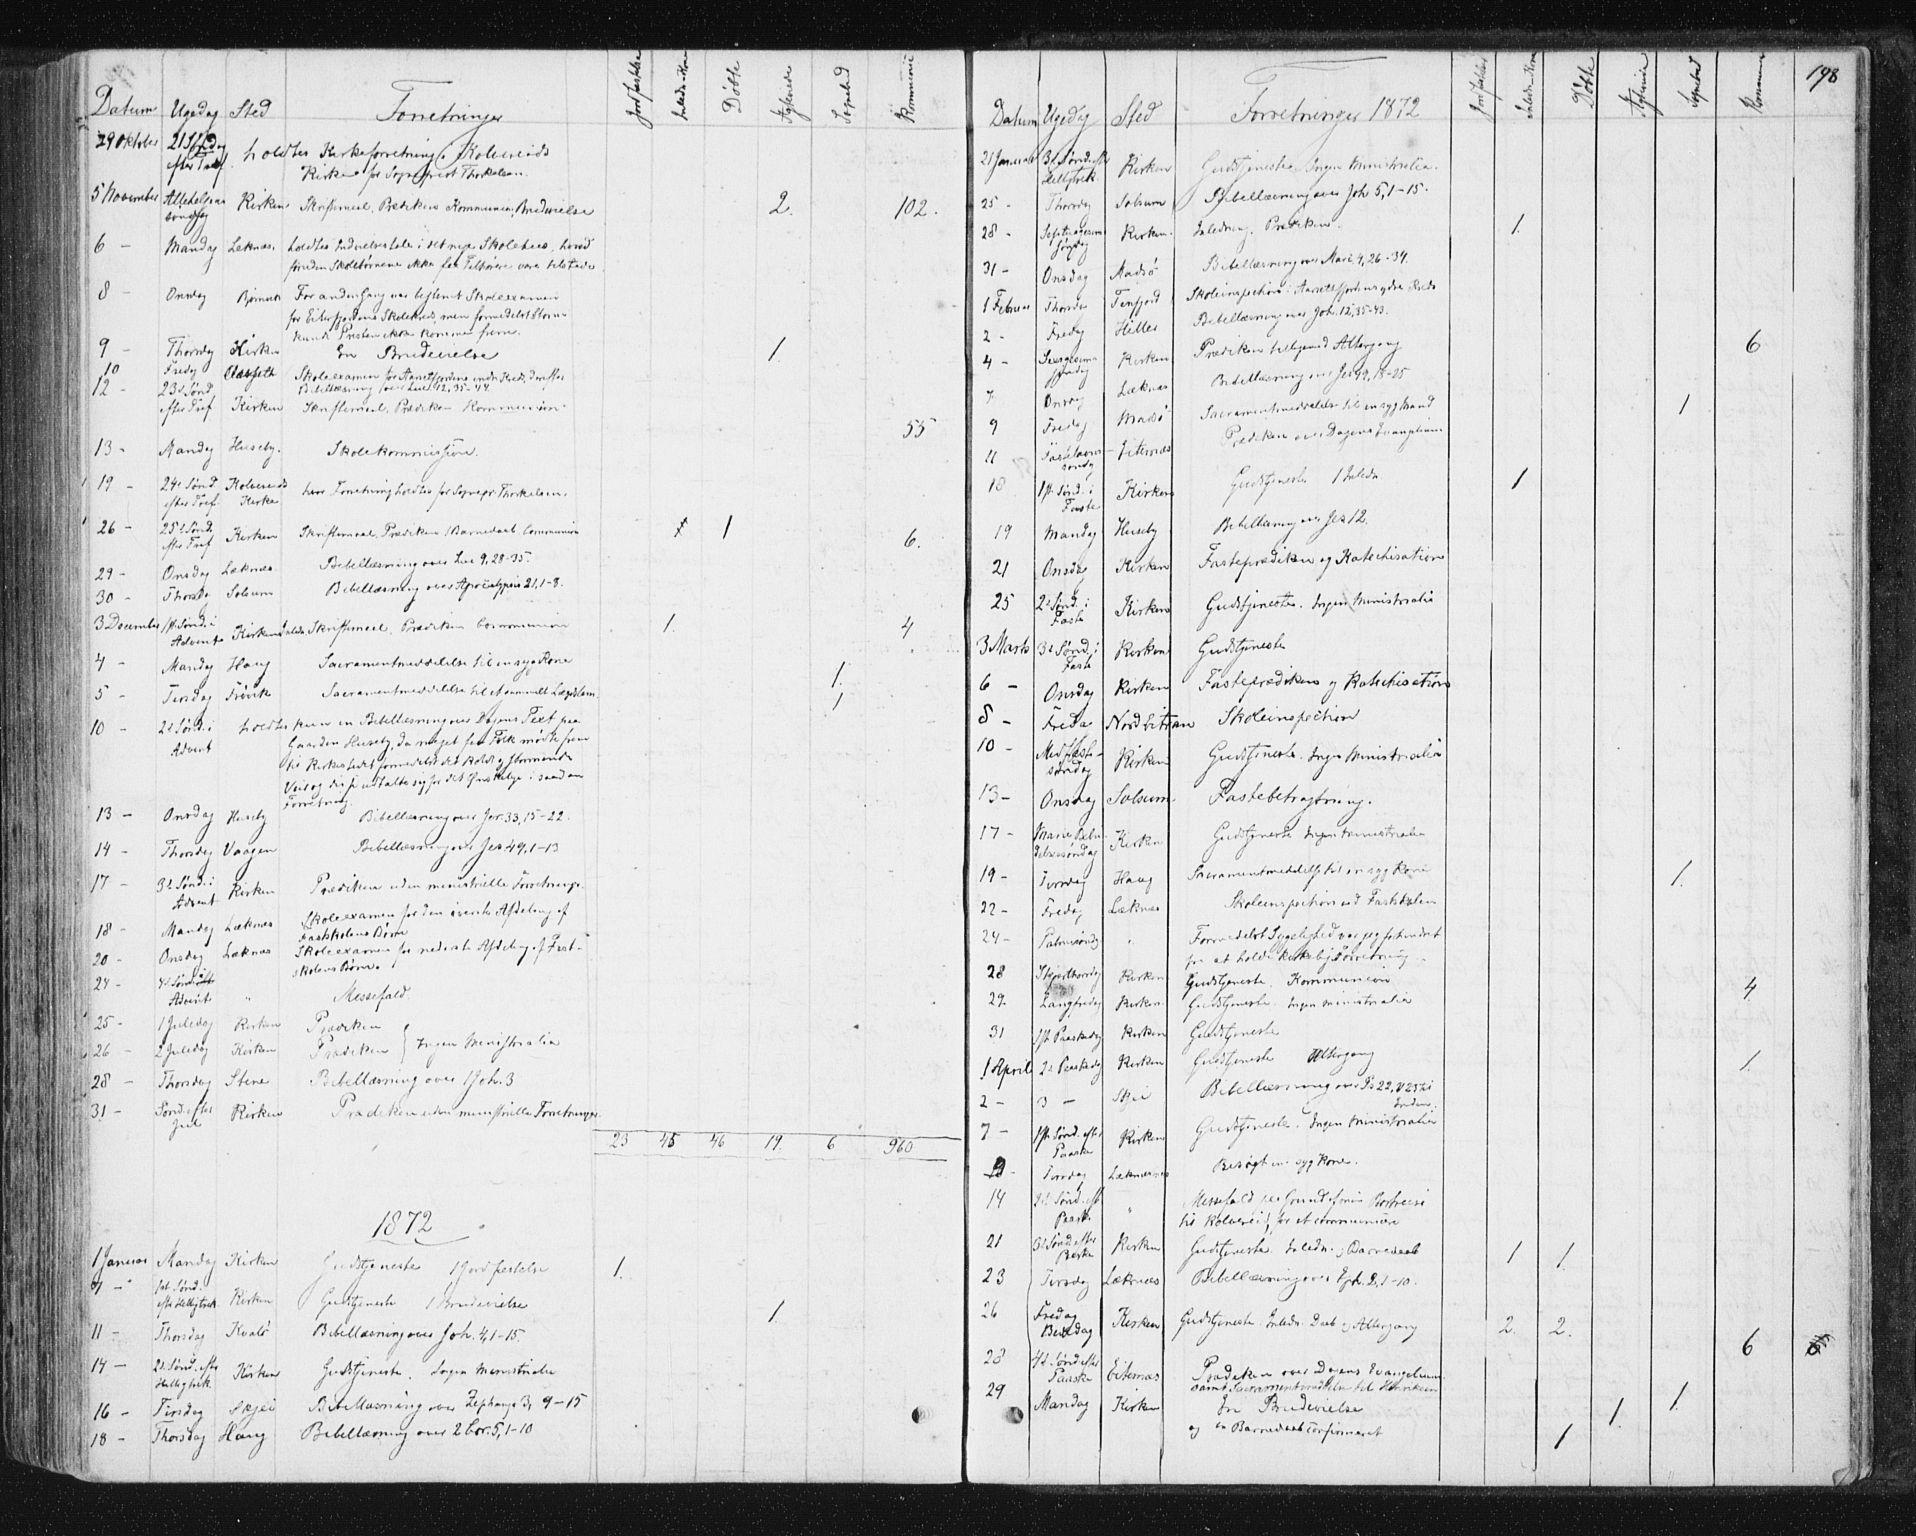 SAT, Ministerialprotokoller, klokkerbøker og fødselsregistre - Nord-Trøndelag, 788/L0696: Ministerialbok nr. 788A03, 1863-1877, s. 198